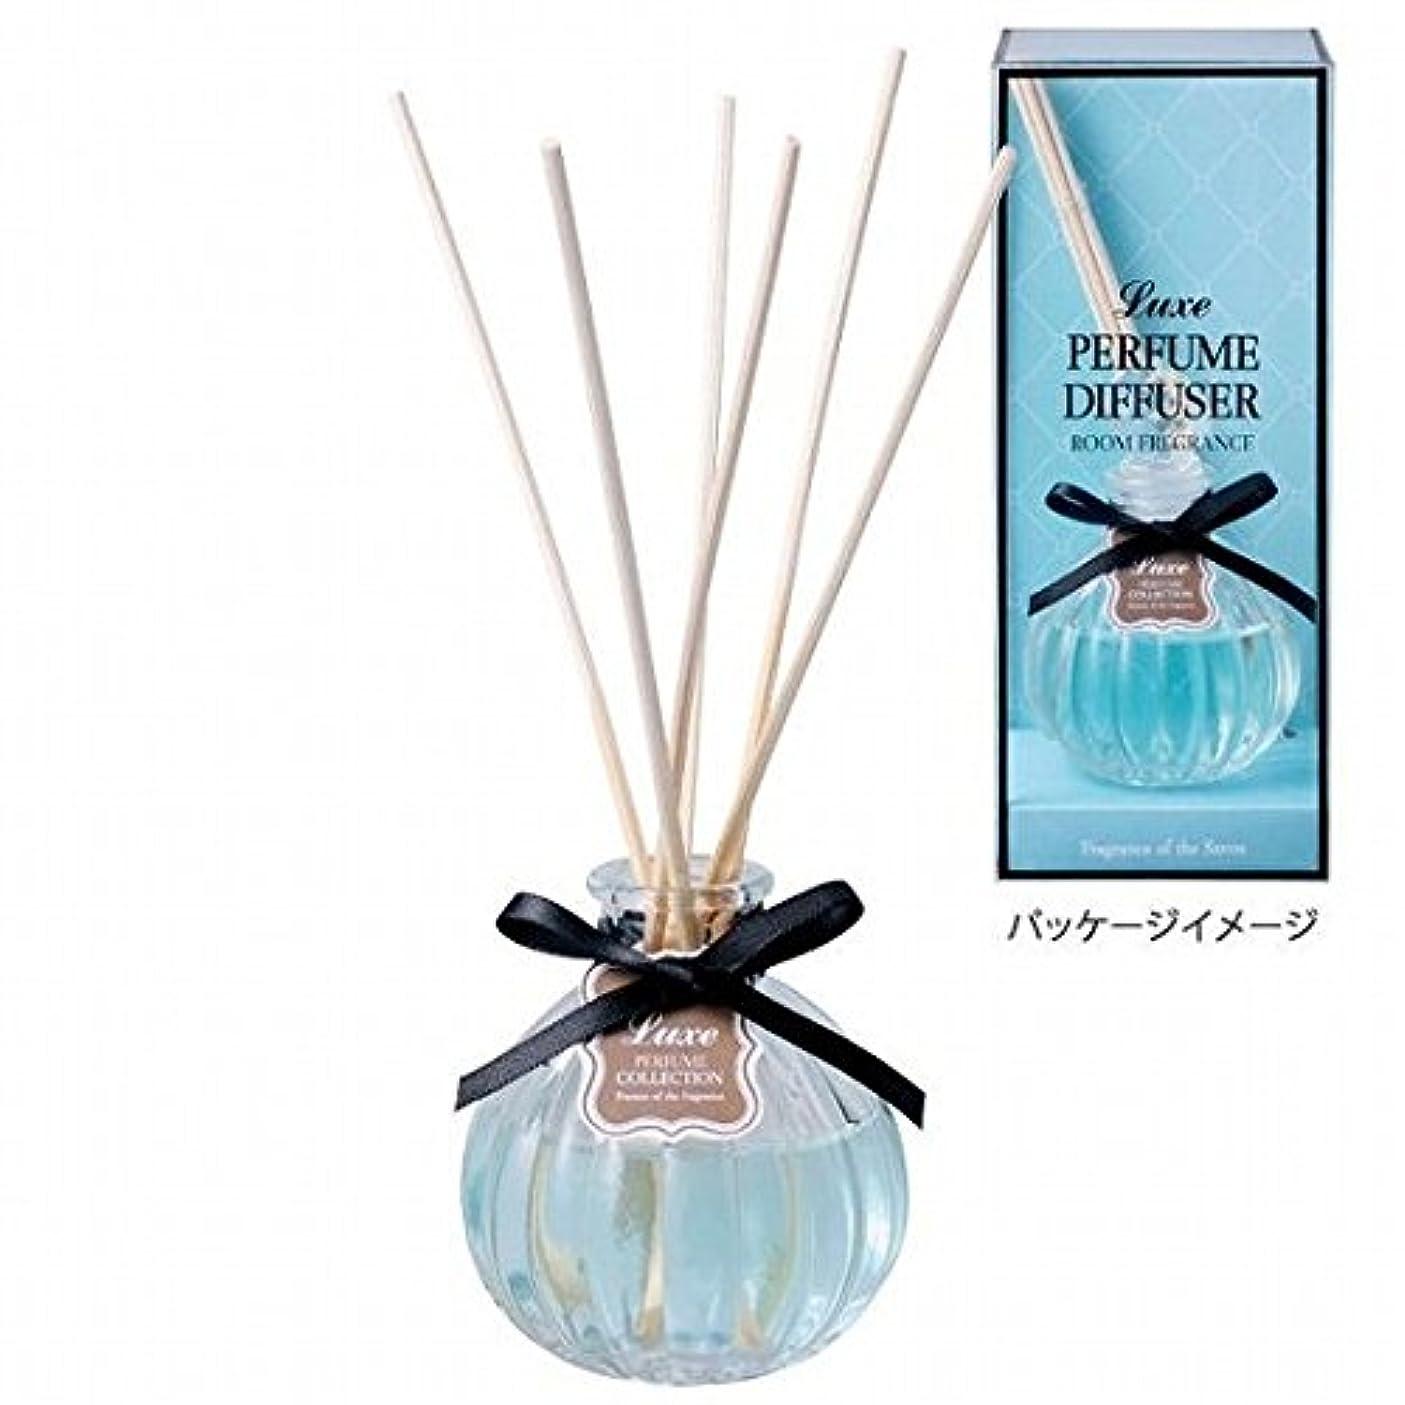 まだらステッチ手段kameyama candle(カメヤマキャンドル) パフュームディフューザー 「 サボン 」(E3260520)